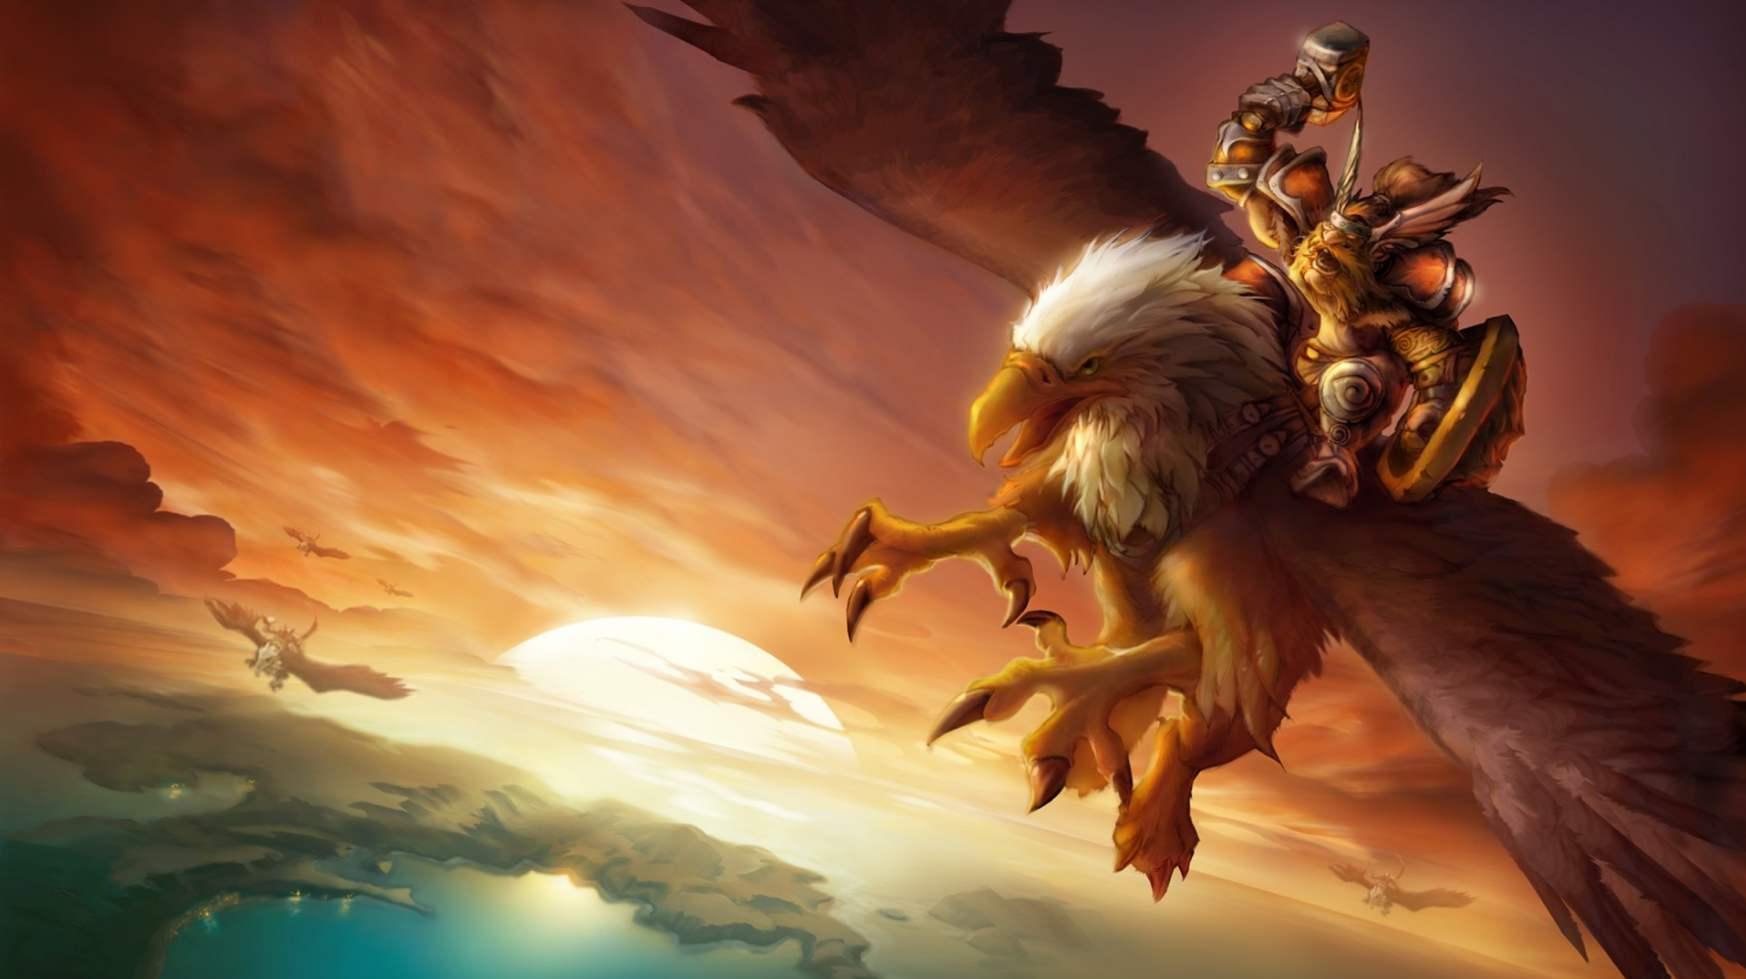 魔兽世界怀旧服玩家尝试逃票失败,有人赞同有人喷,你站哪边?